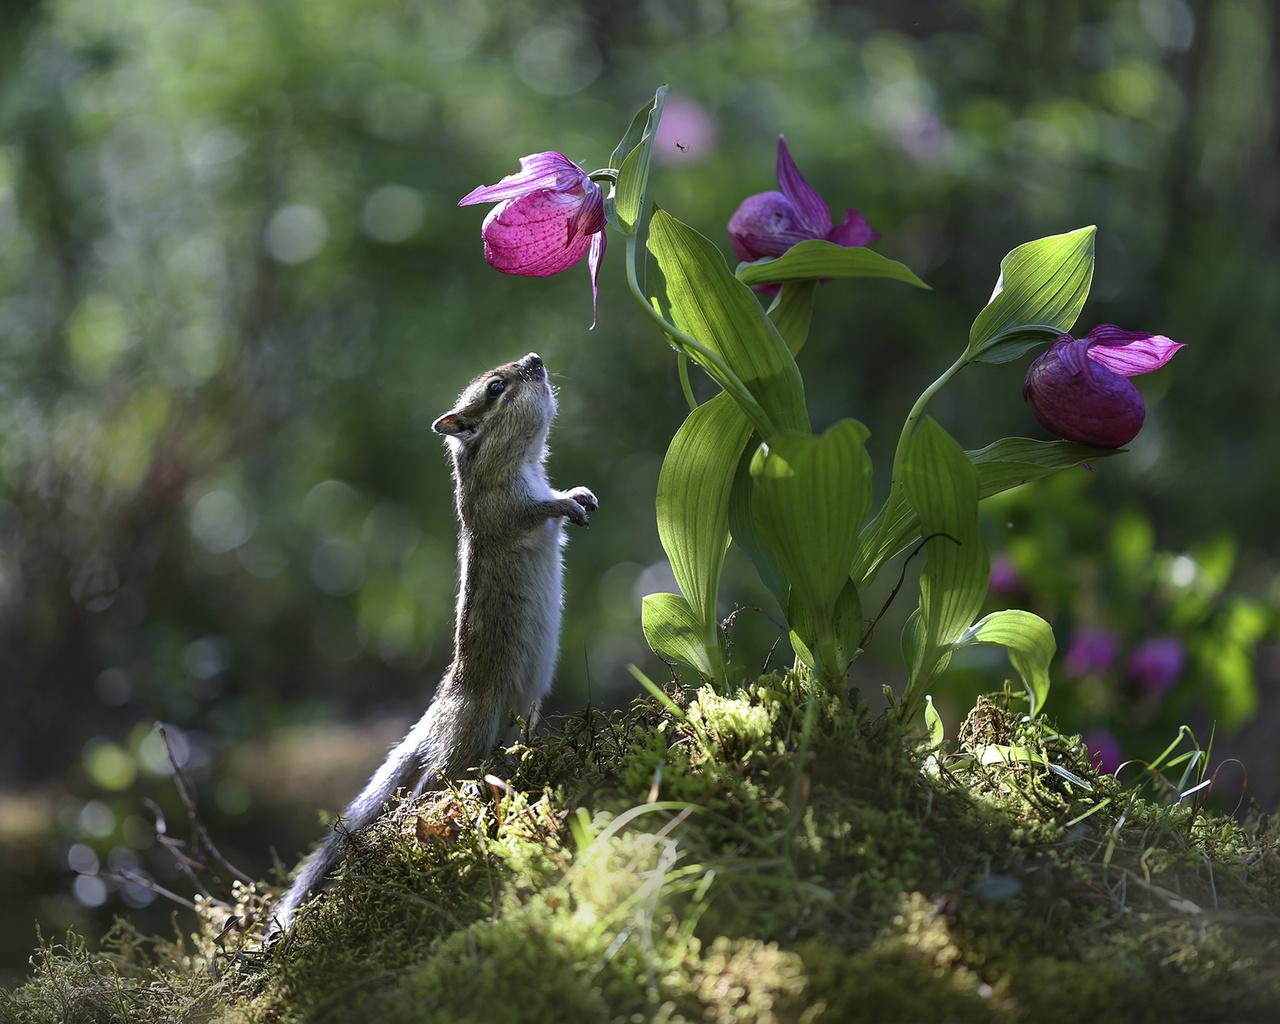 природа, лето, кочка, трава, цветок, зверёк, грызун, бурундук